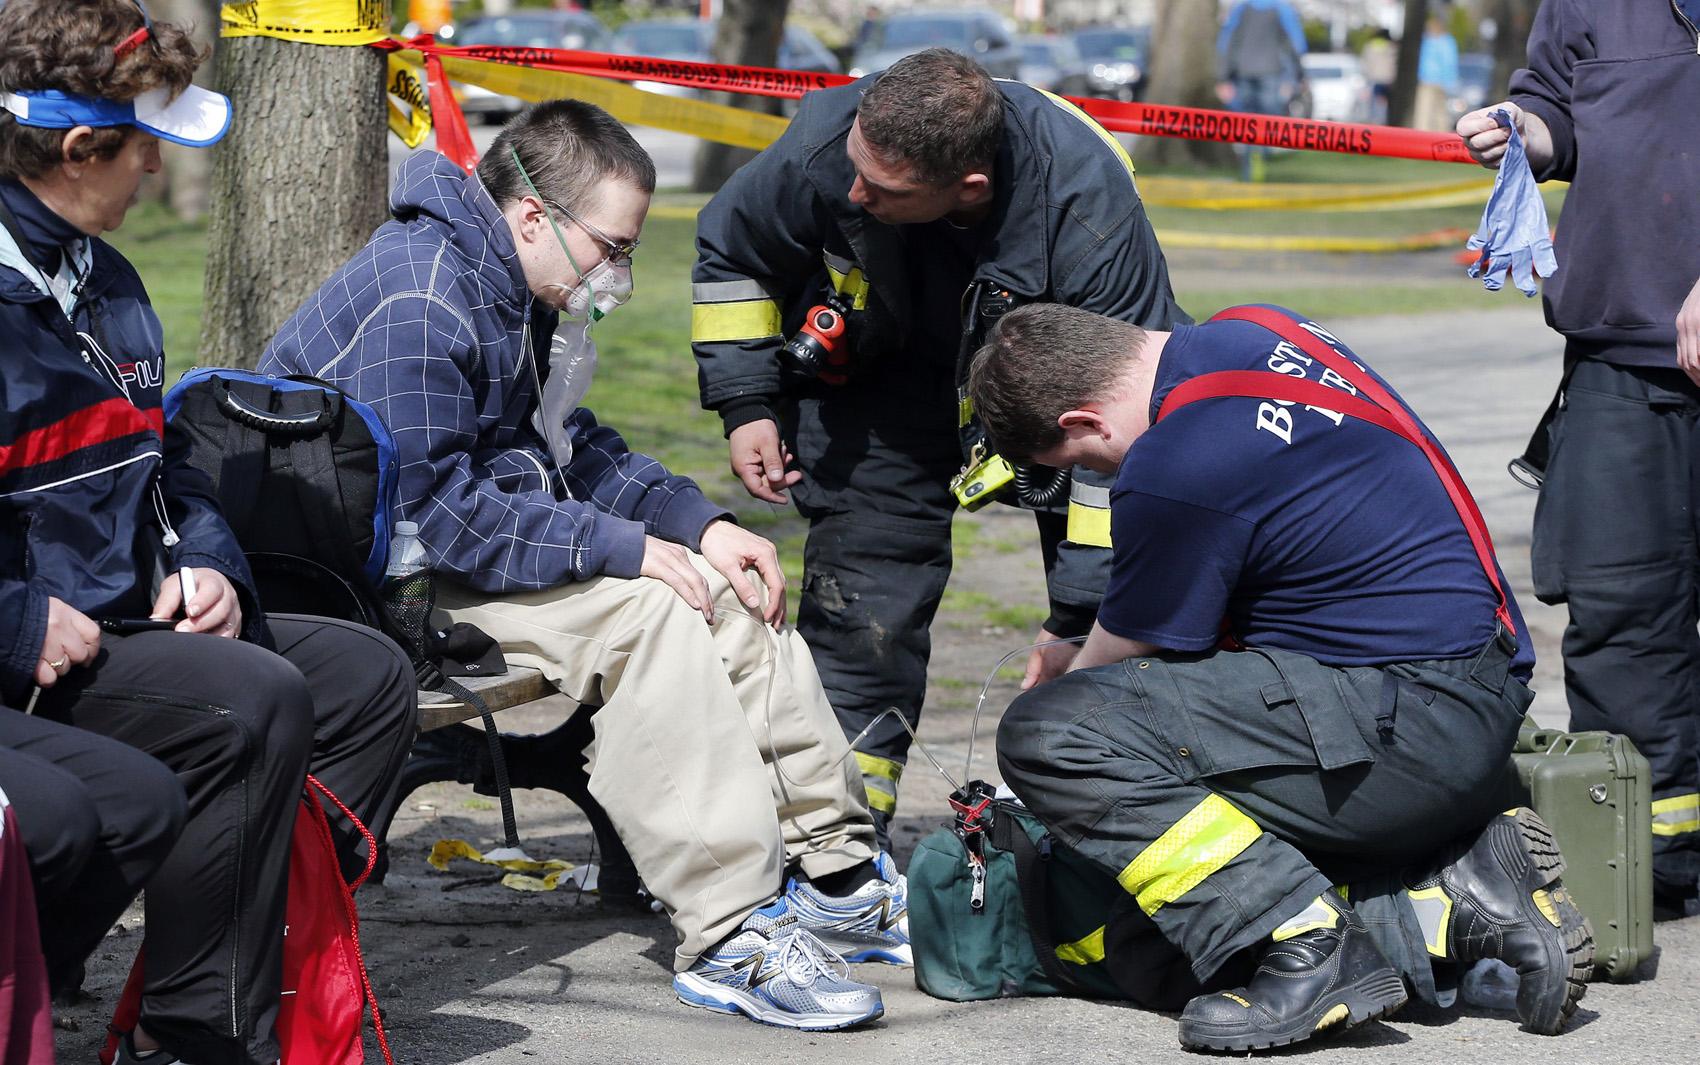 Bombeiros atendem homem depois de explosão em Boston.